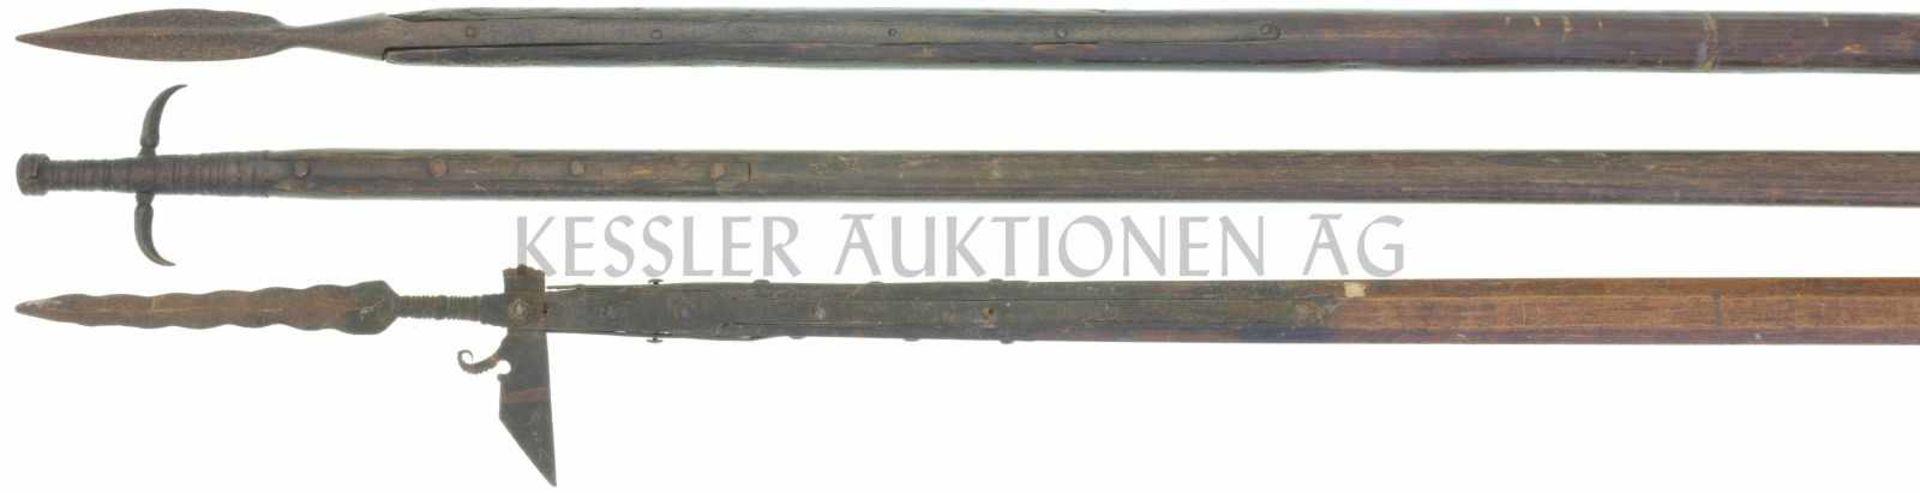 Konvolut 3 Stangenwaffen defekt 1. Langspiess, 17. Jahrhundert, Schaft gekürzt, Schaftfeder